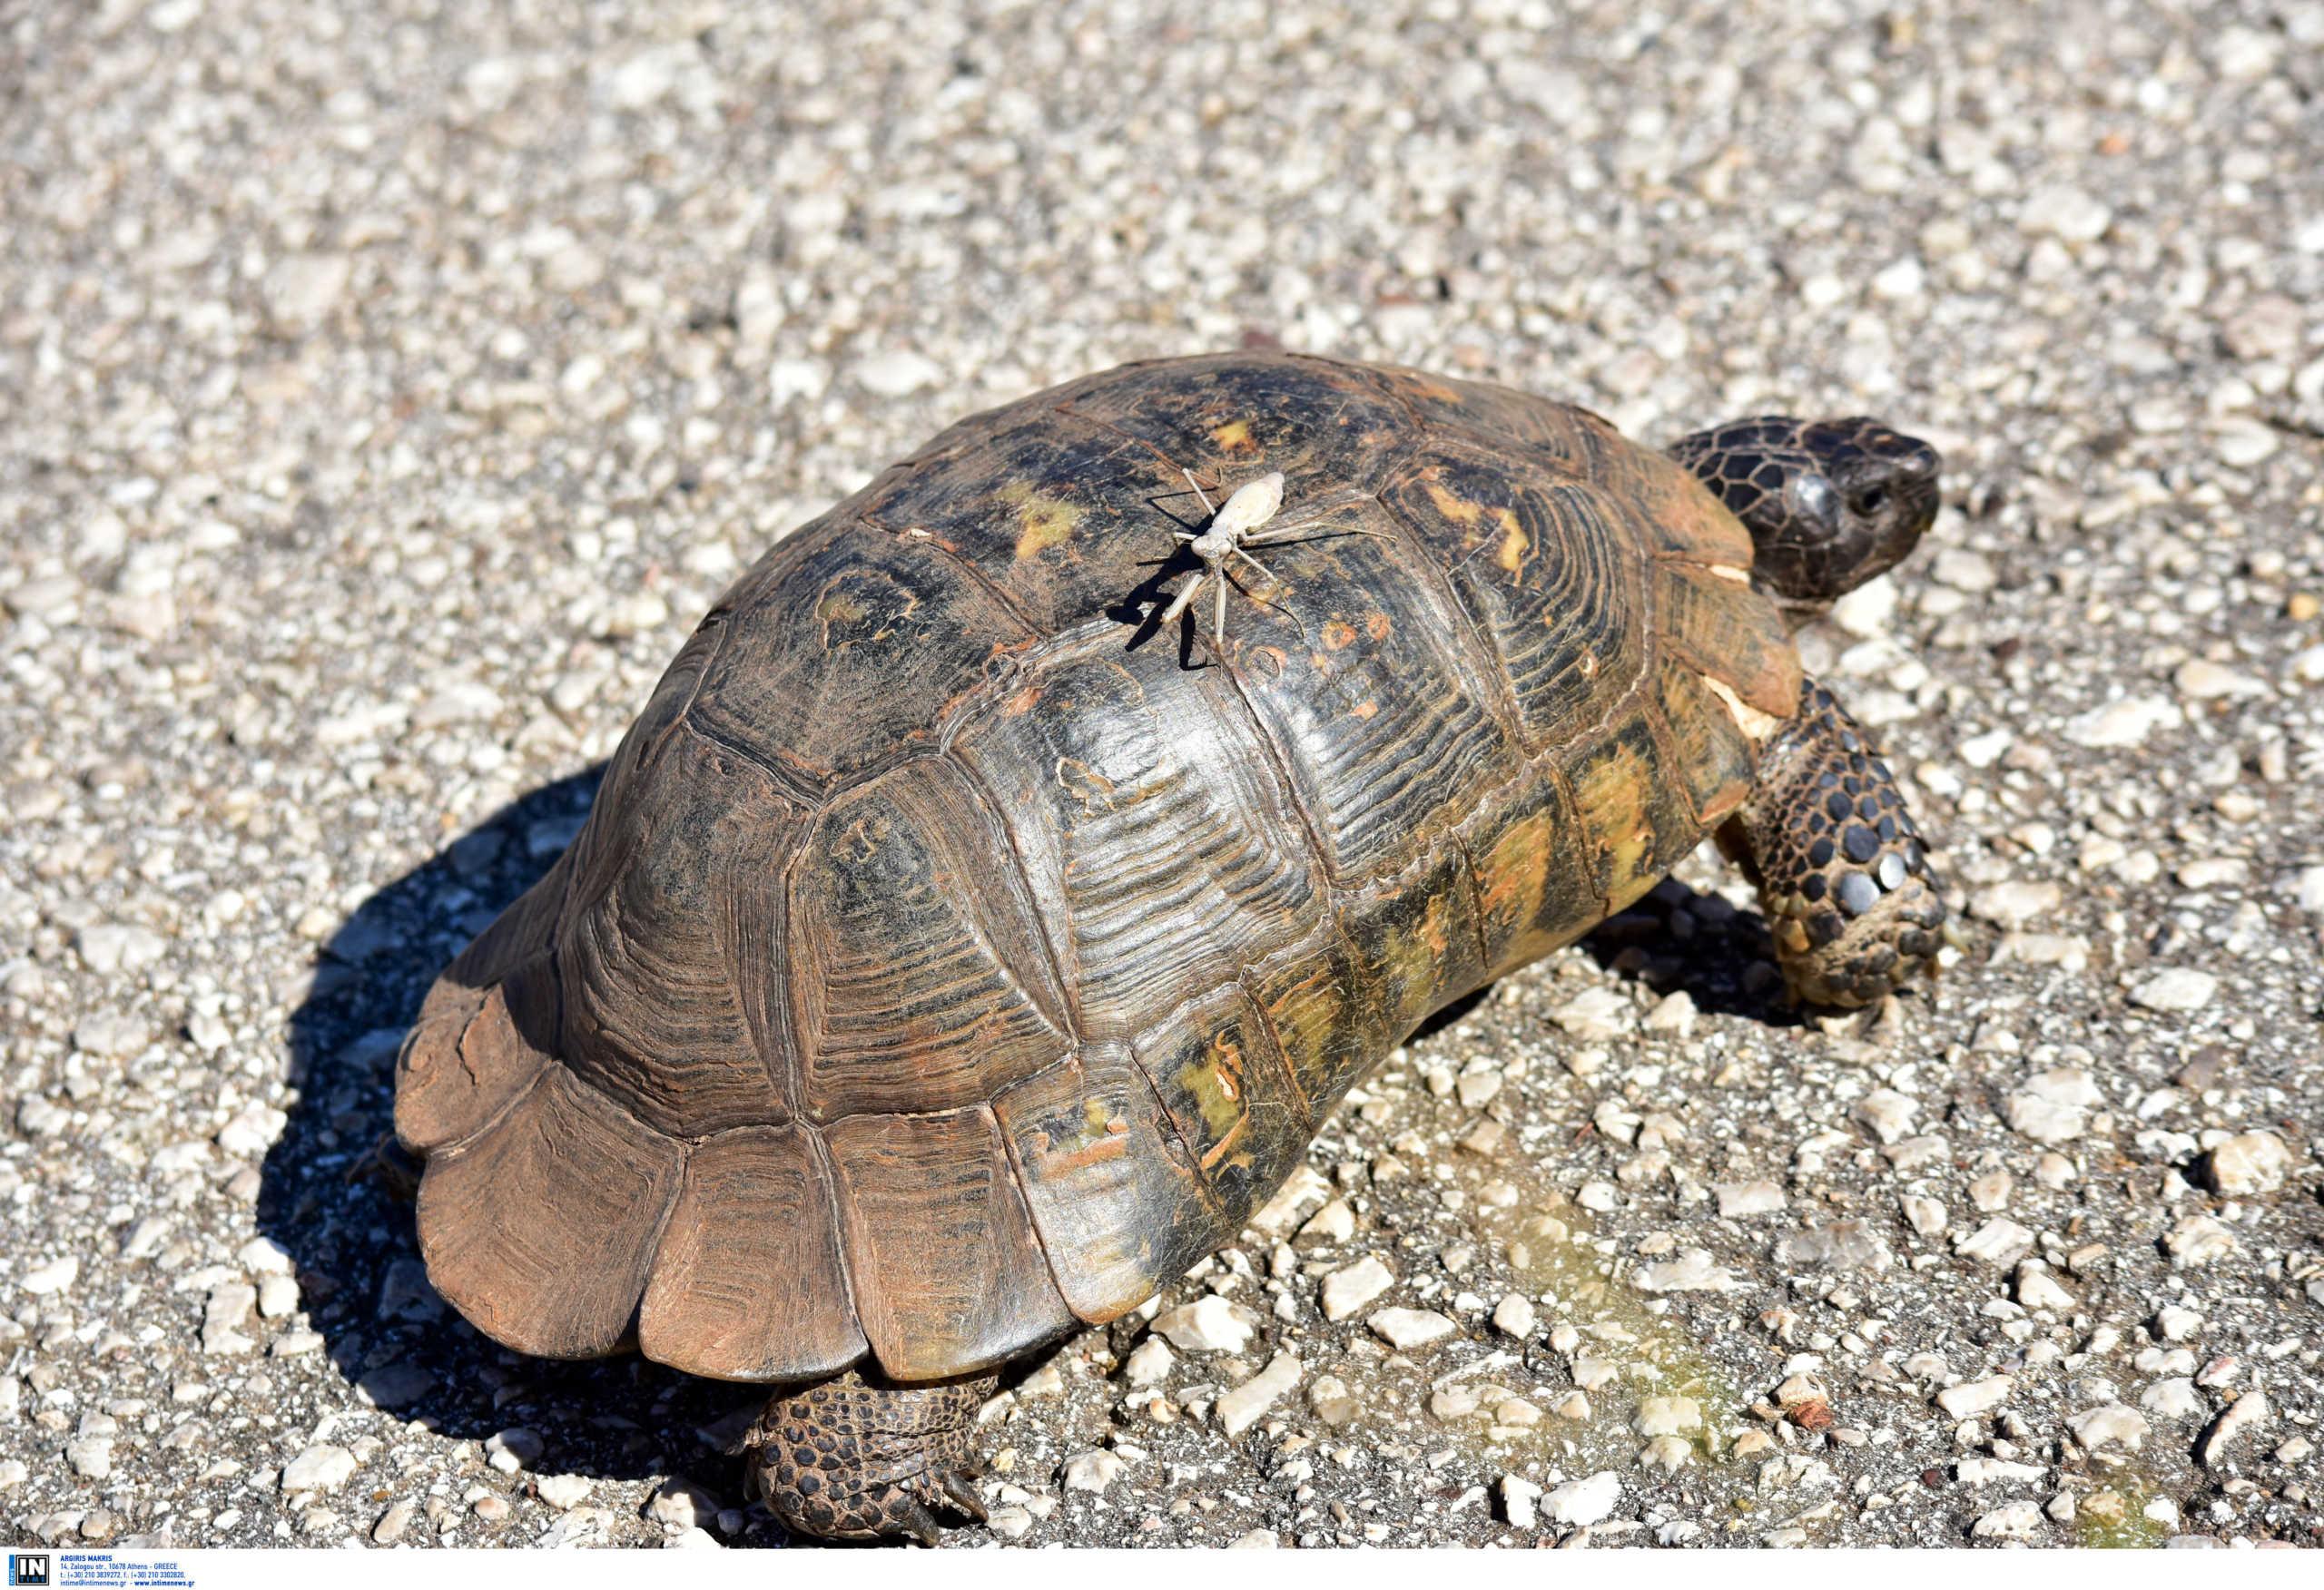 Θεσσαλονίκη: Η θάλασσα ξέβρασε μια νεκρή χελώνα καρέτα – καρέτα!